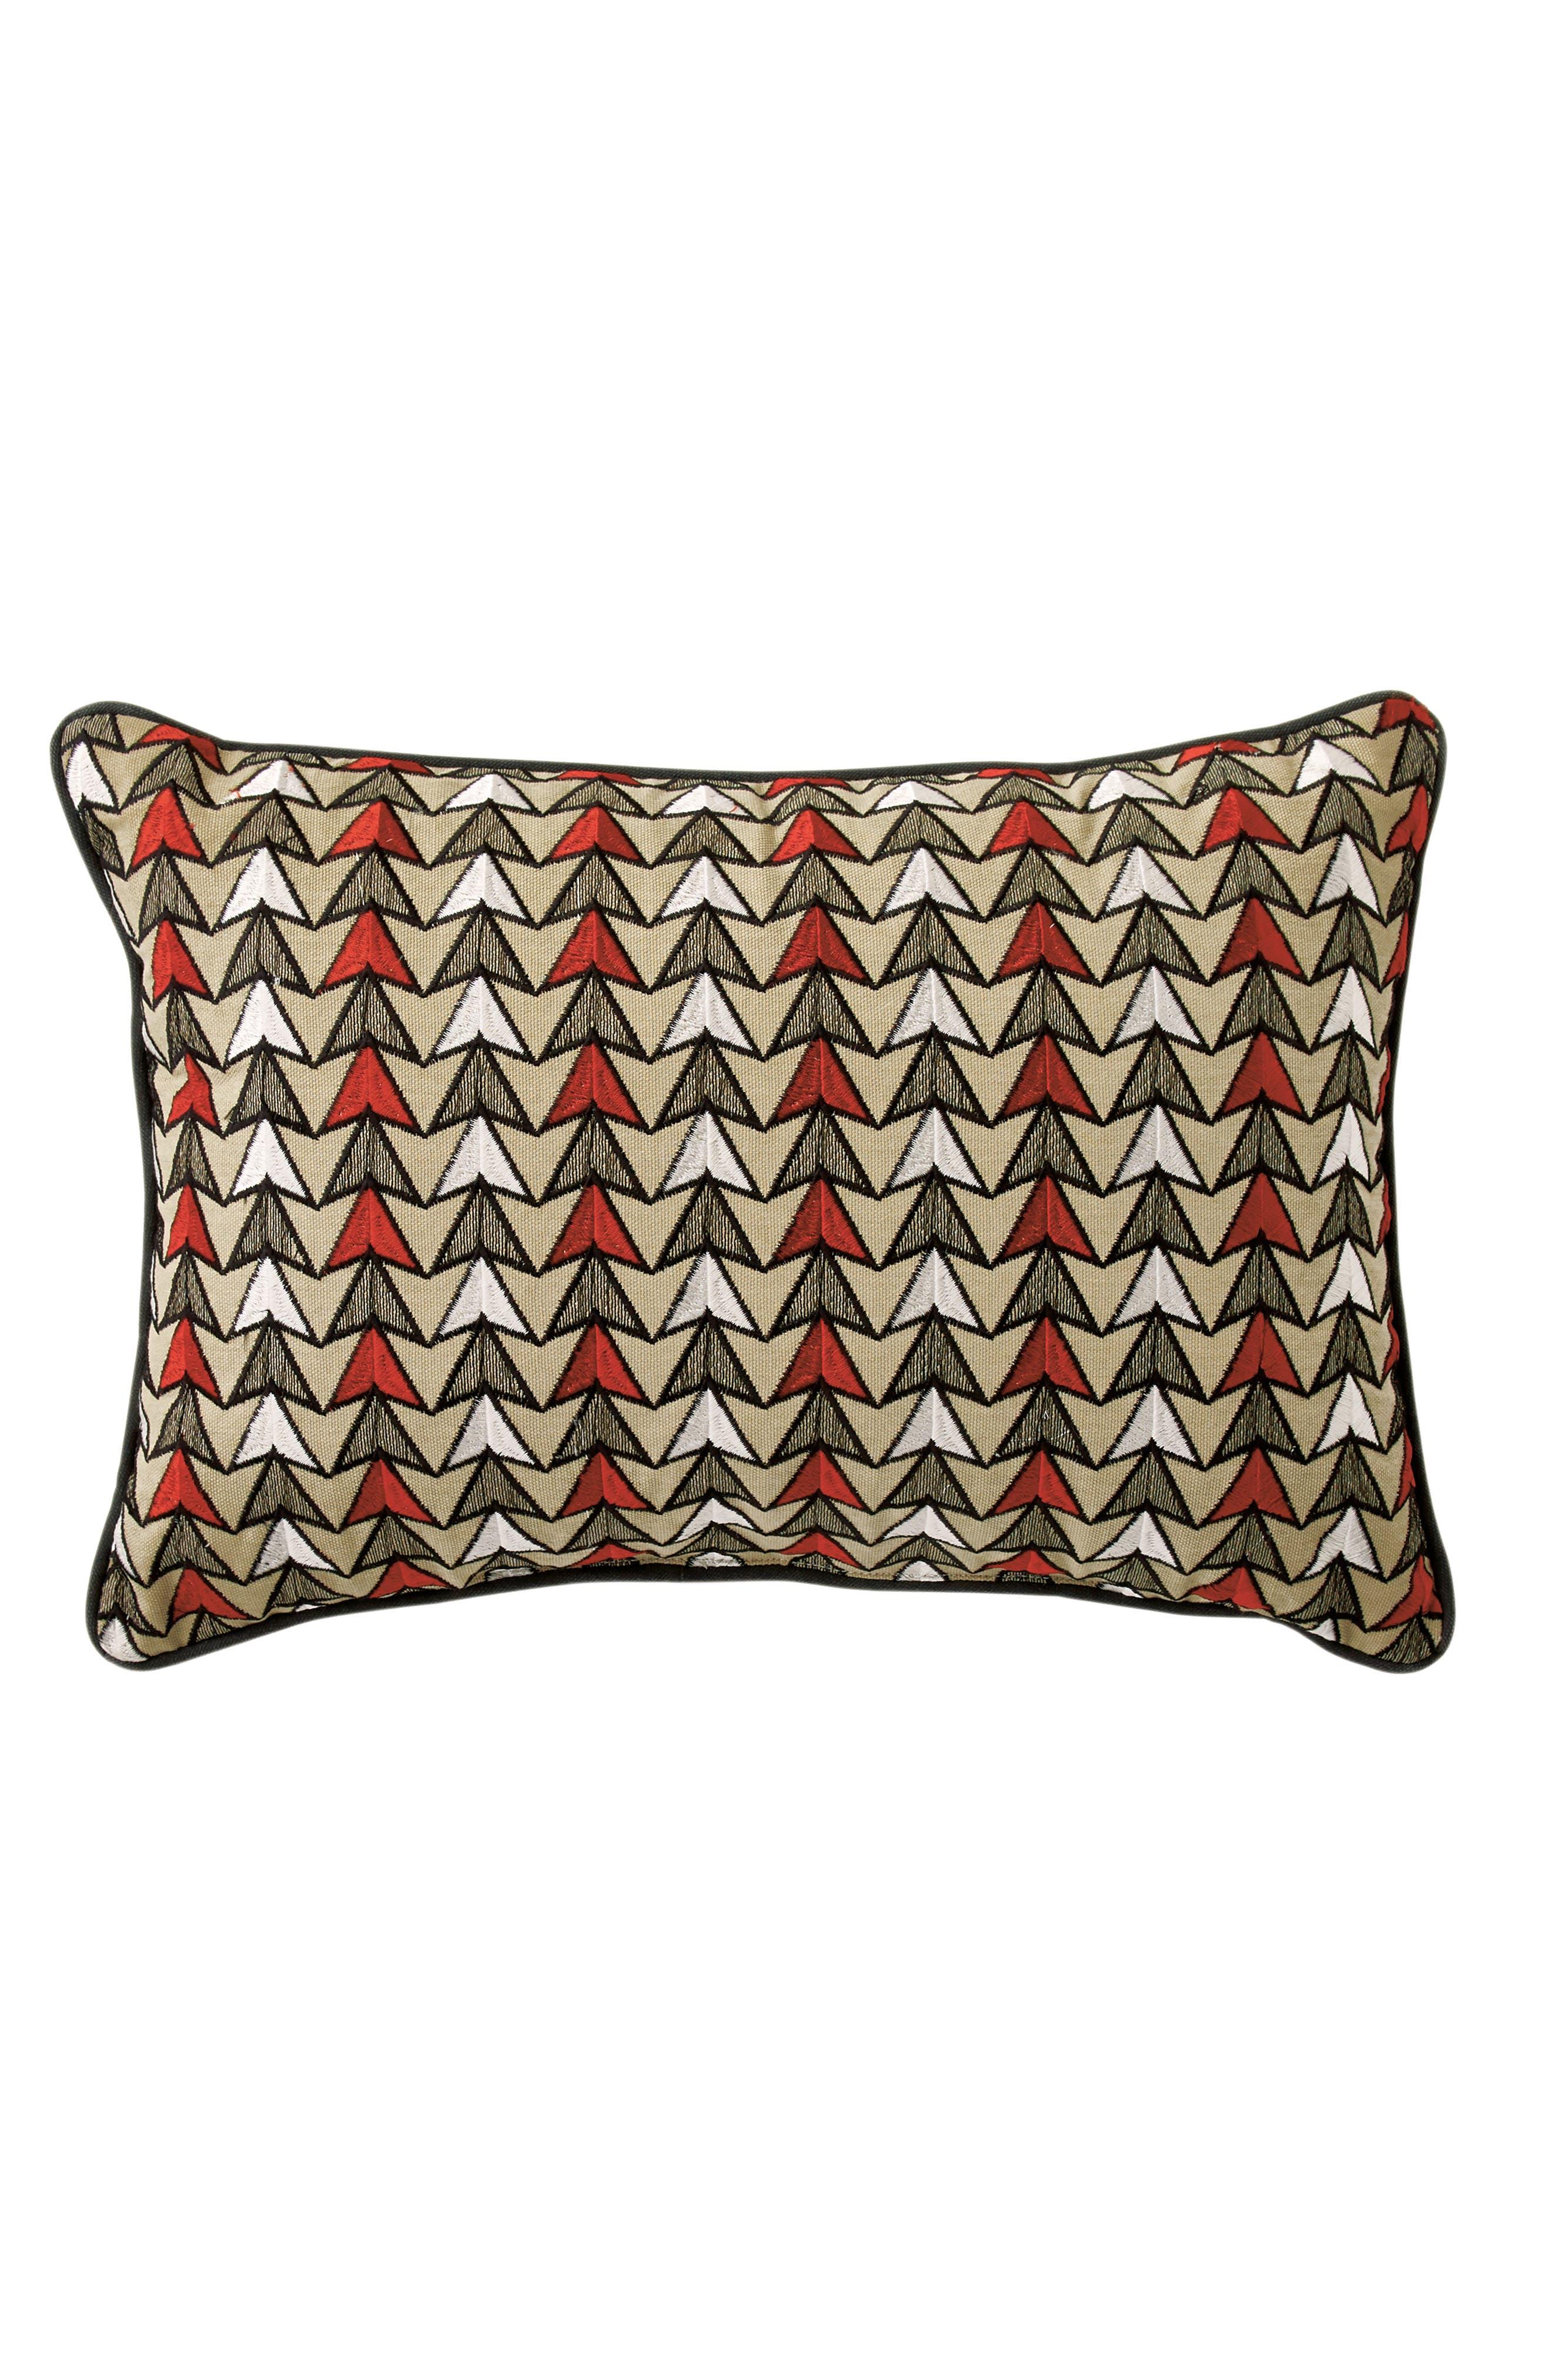 BEDECK,                             Arro Comforter, Sham & Accent Pillow Set,                             Alternate thumbnail 5, color,                             CHARCOAL